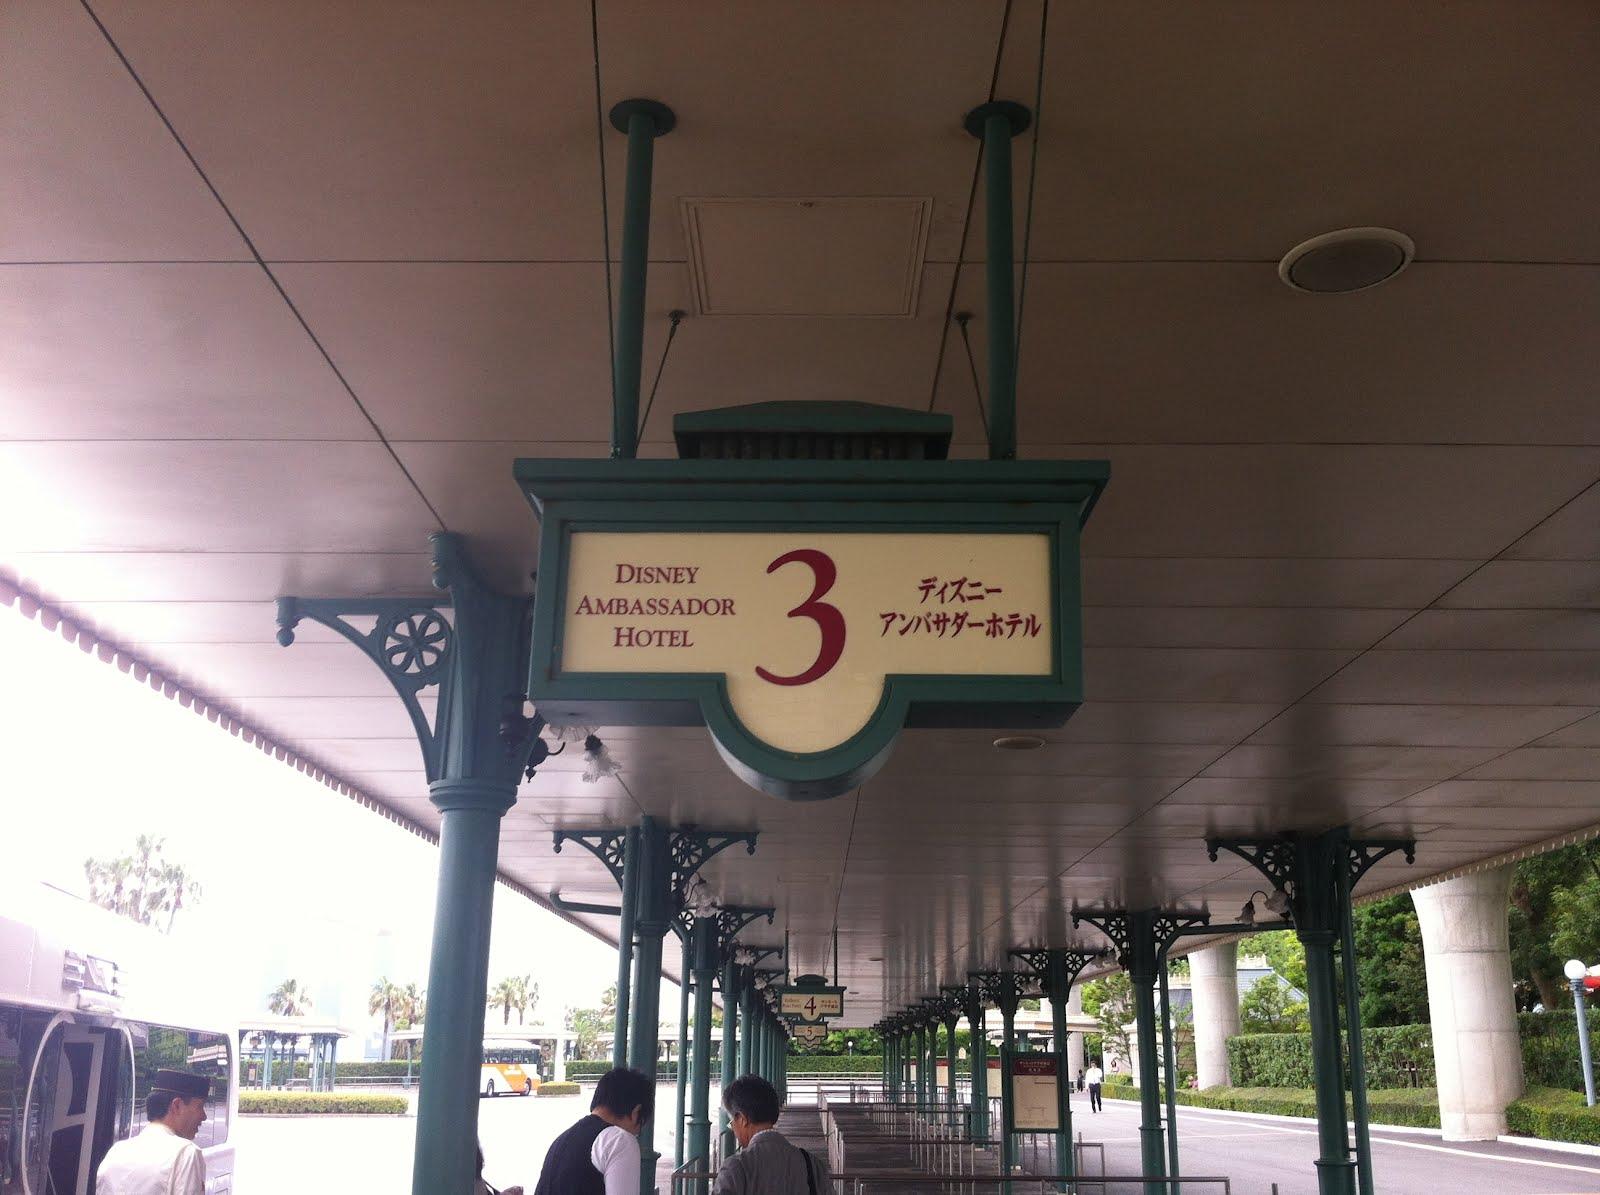 無料も!ディズニーランドからアンバサダーホテルへ行く四つの方法